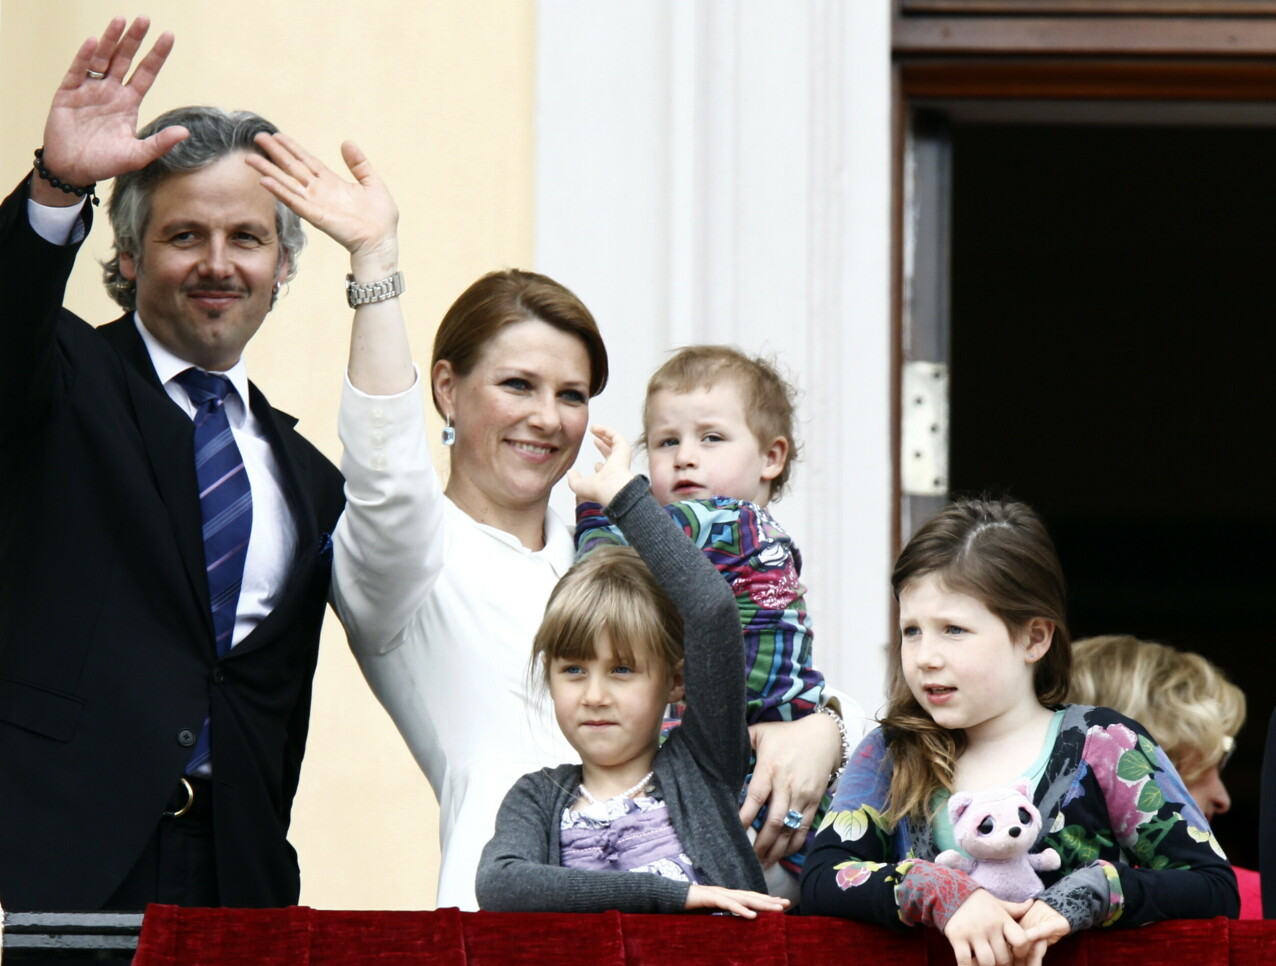 FIN FAMILIE: Ari og Märtha med sine tre døtre Maud, Leah og Emma på slottsbalkongen i forbindelse med kongeparets 75-årsdager i 2012. FOTO: Lise Åserud / NTB